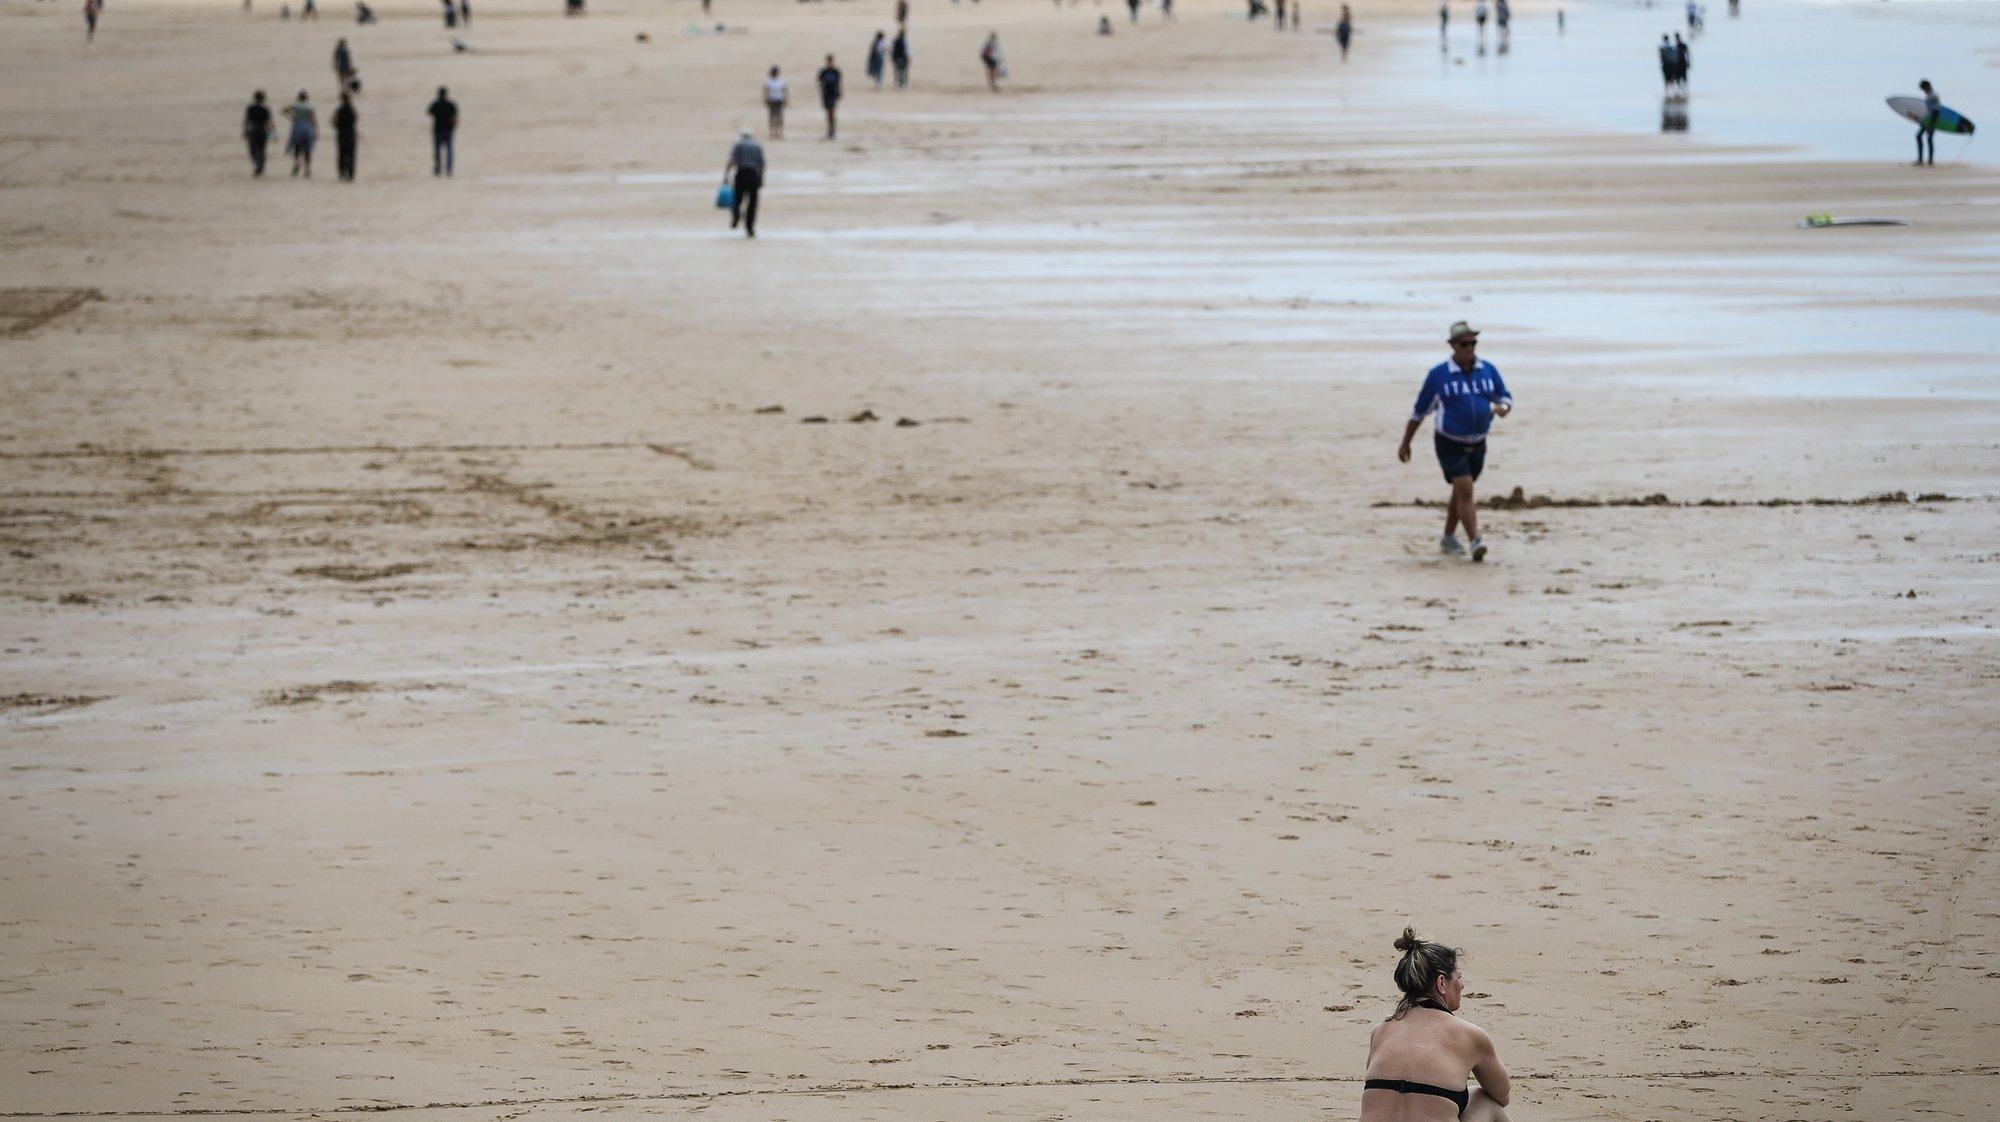 Uma mulher apanha sol no dia em que se assinala a abertura da época balnear na praia de Carcavelos, em Cascais, 15 de maio de 2021.  RODRIGO ANTUNES/LUSA